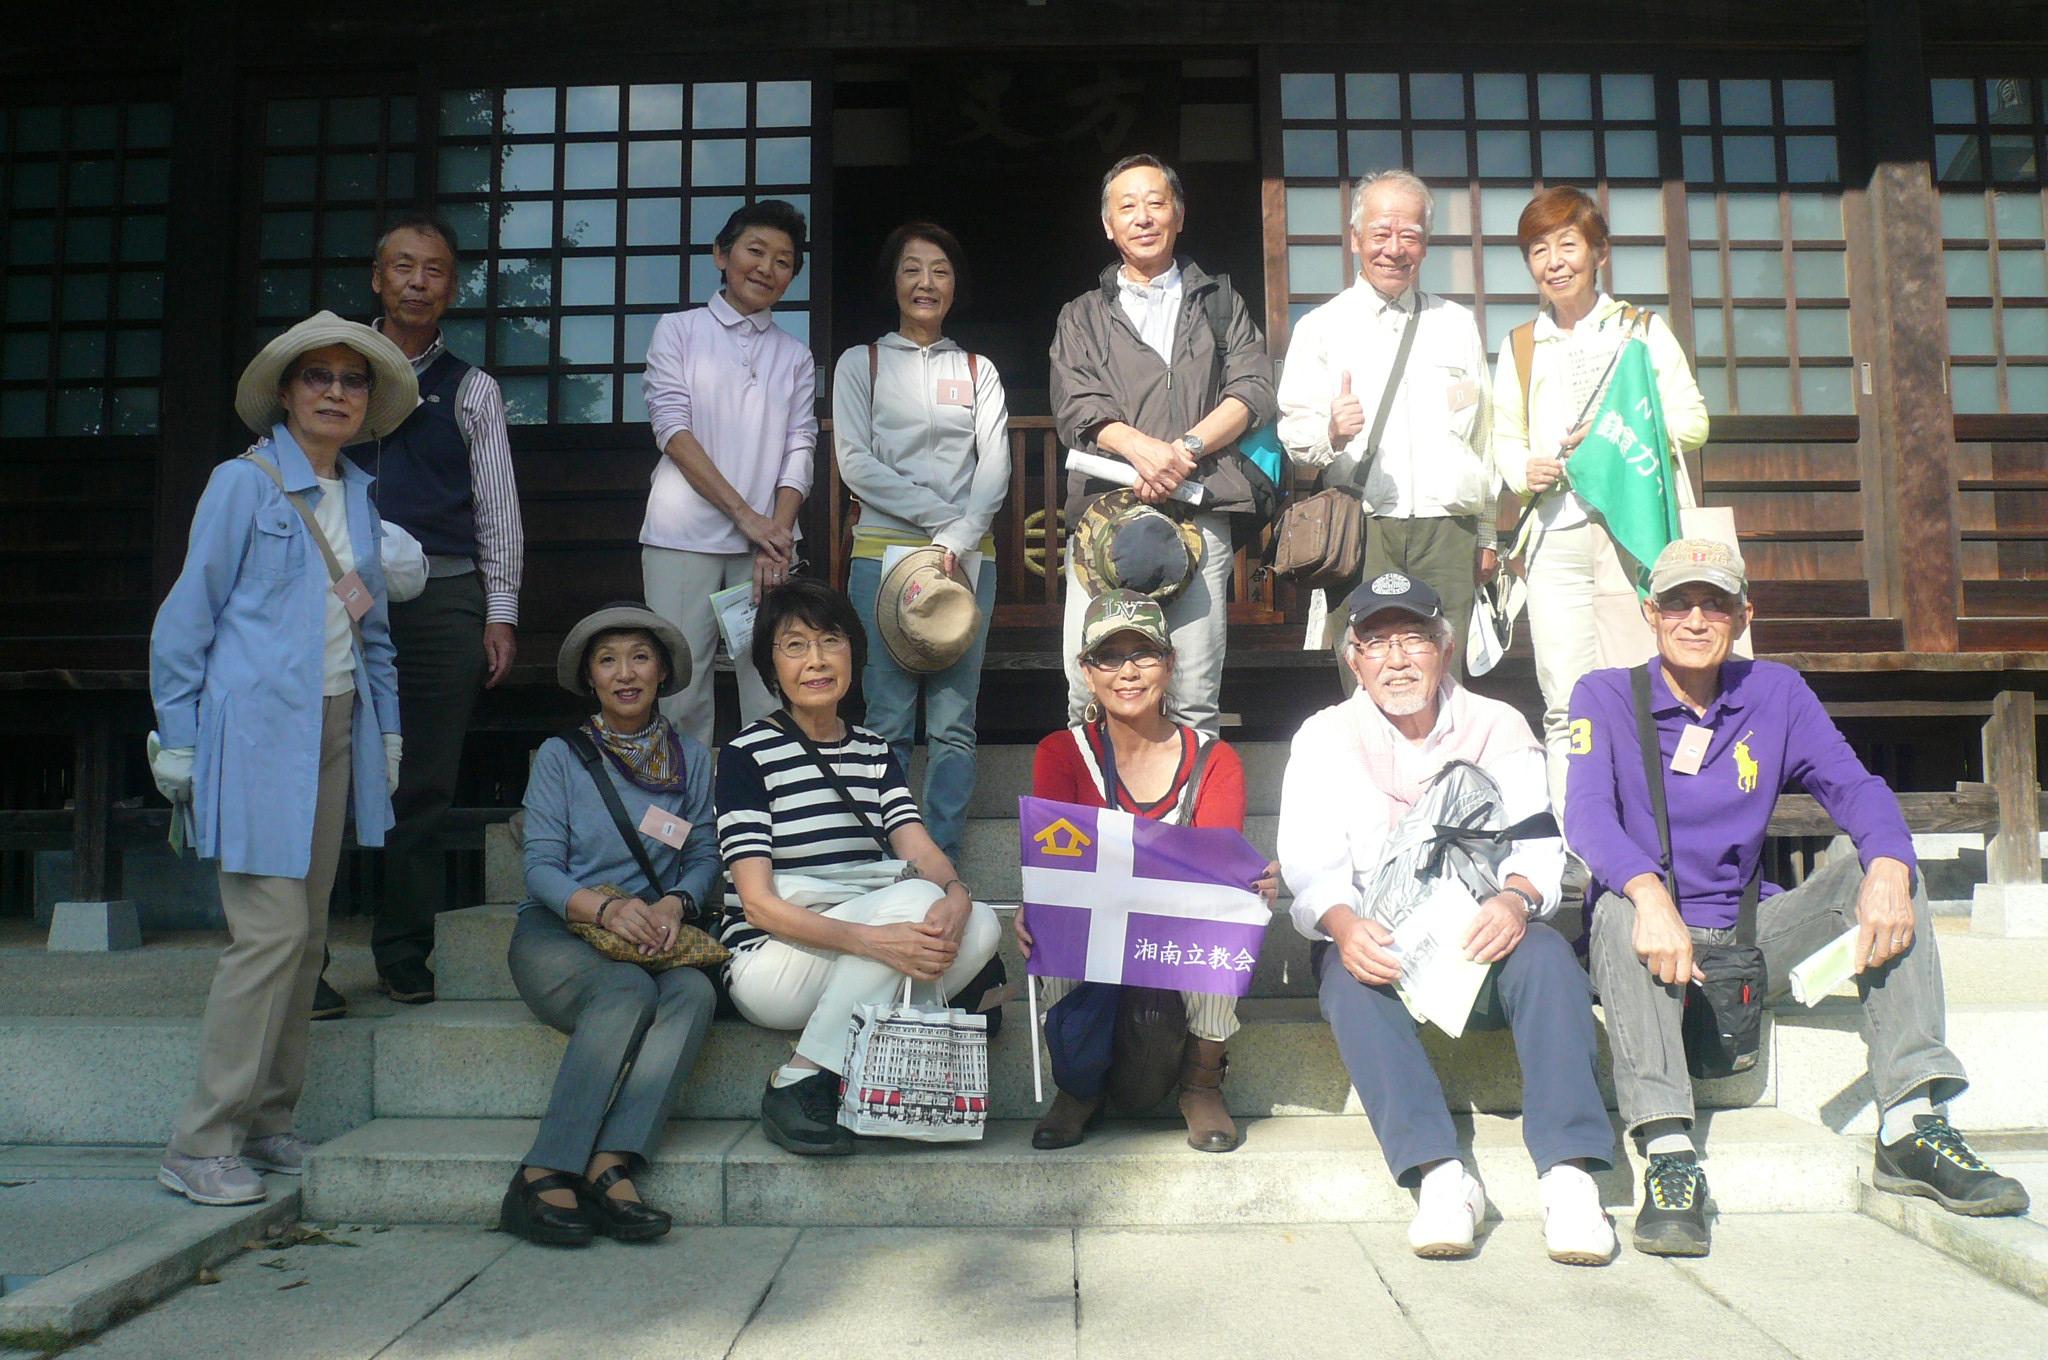 第1グループ集合写真